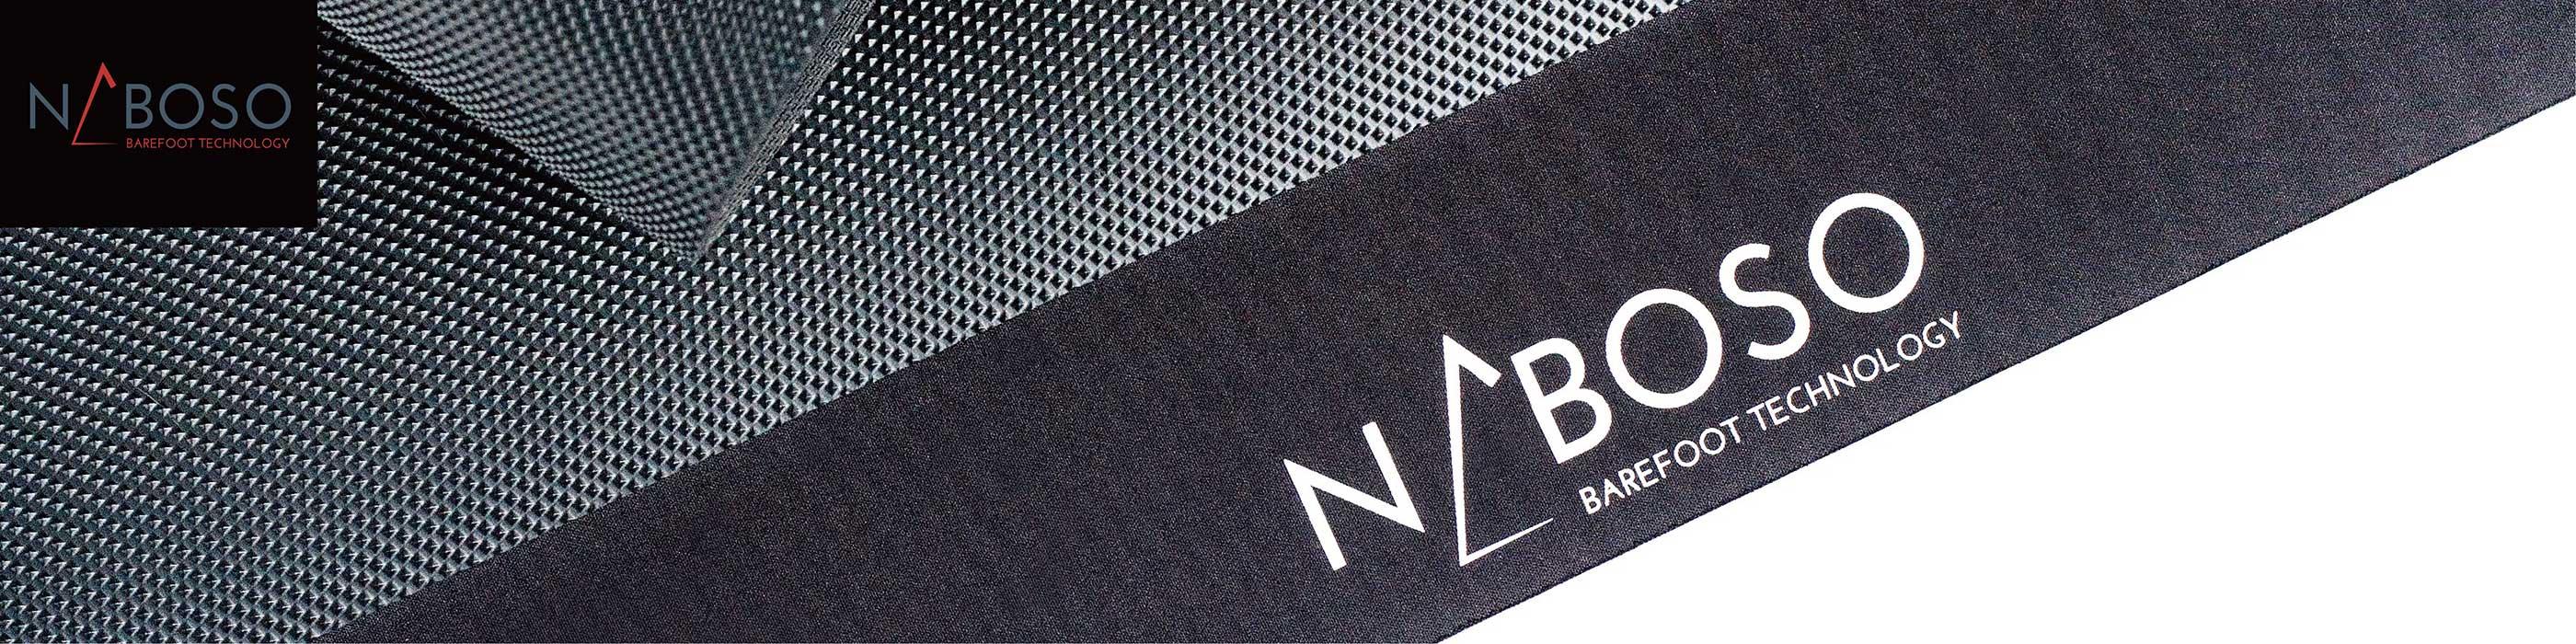 naboso1